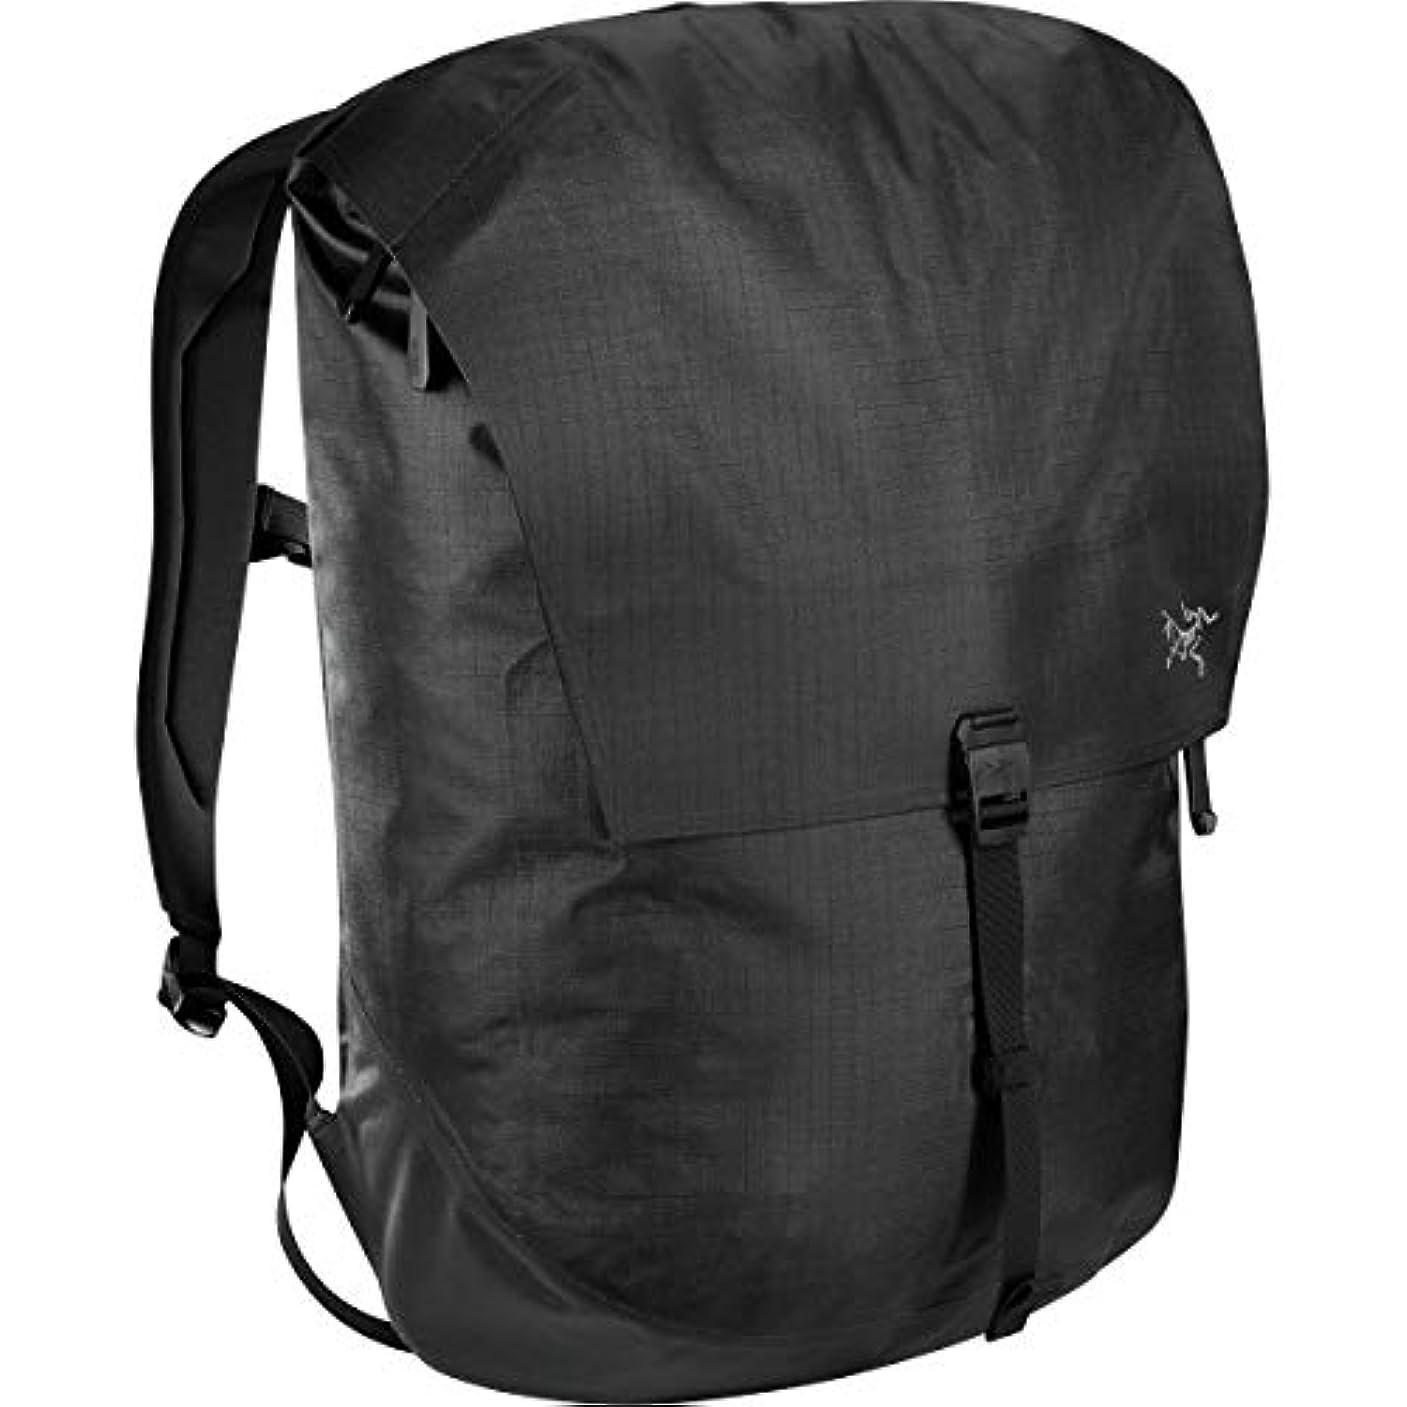 うれしい南東反応するARC'TERYX(アークテリクス) Granville 20 Backpack グランヴィル 20 バックパック 18096